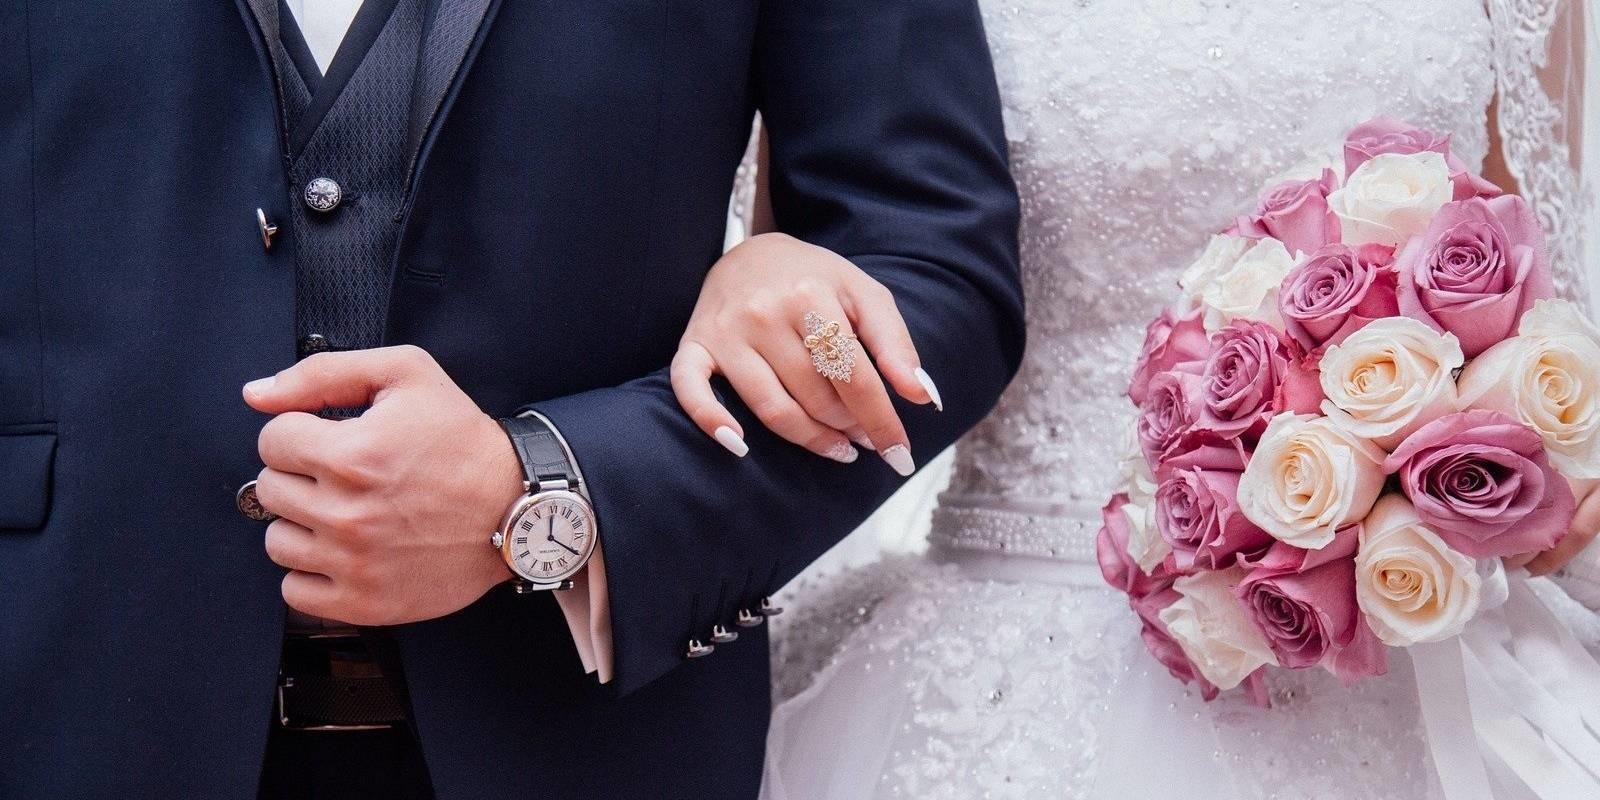 מתחתנים ? עיריית כפר סבא תממן לכם חתונה מהסרטים